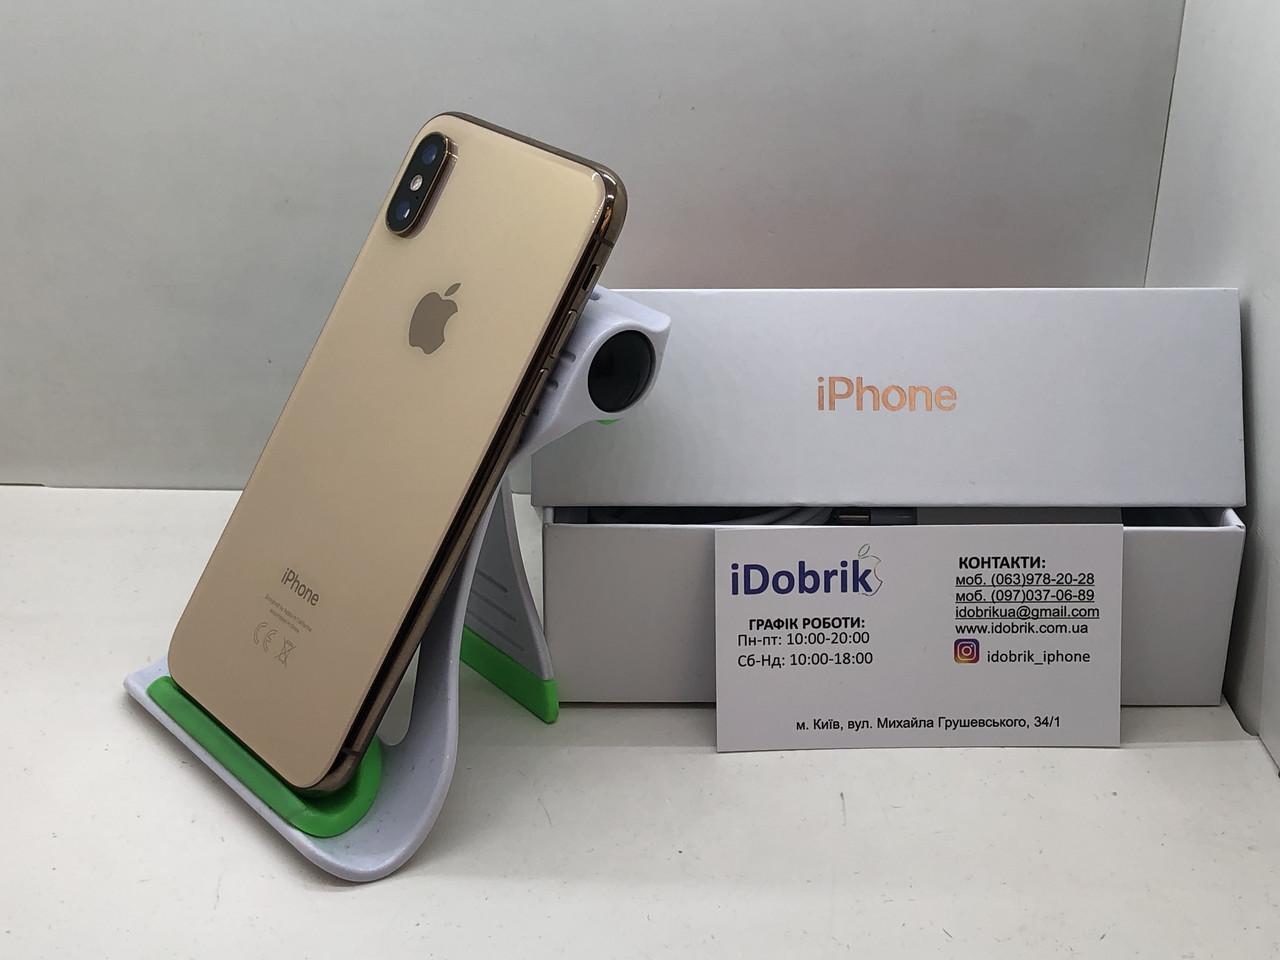 Б/У iPhone XS 64gb Gold Neverlock 9/10